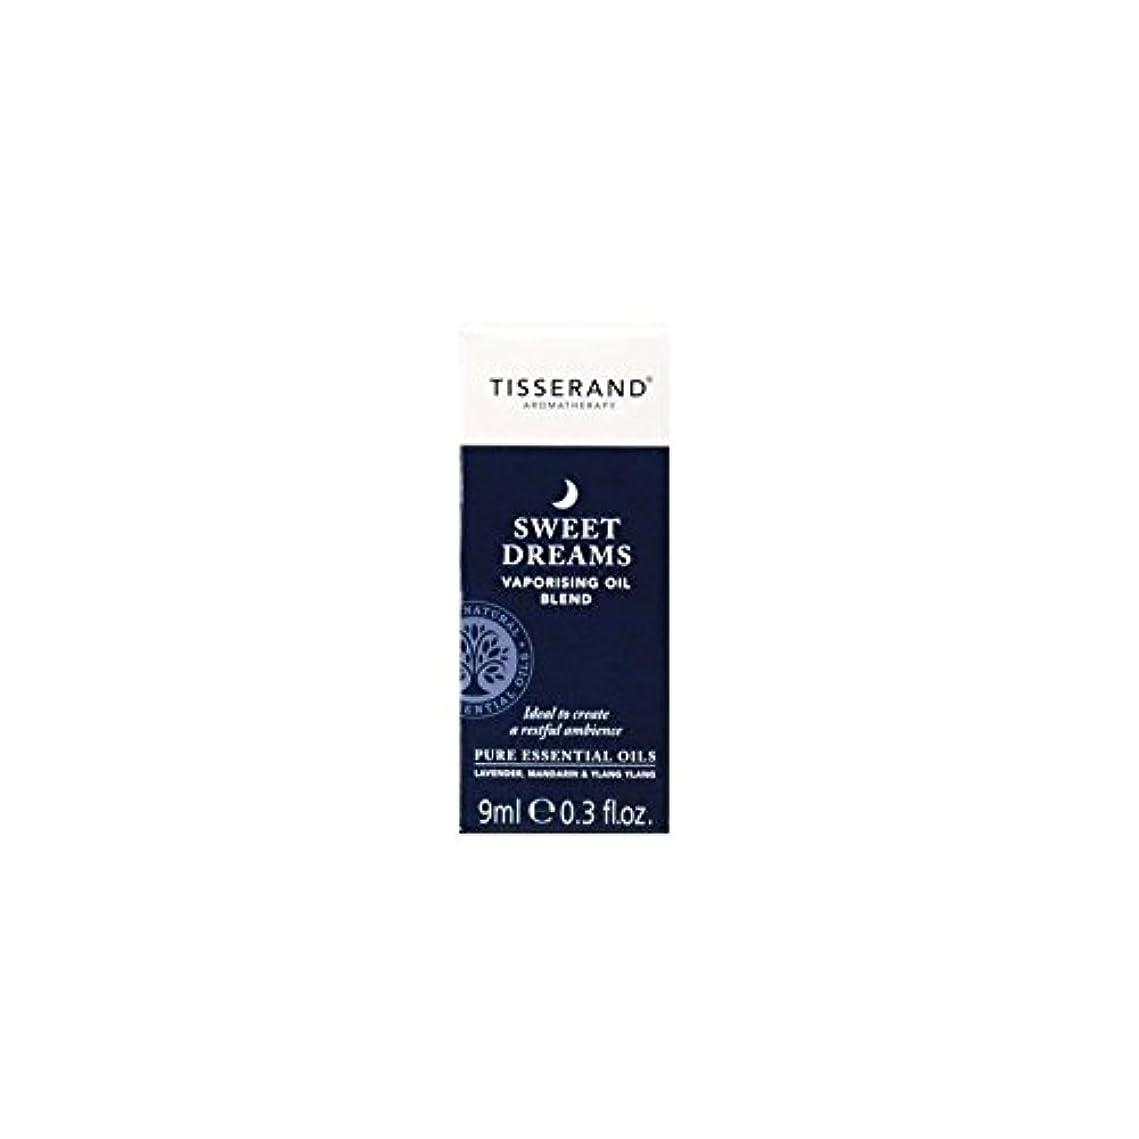 想像力豊かなバルコニー成熟オイル9ミリリットルを気化甘い夢 (Tisserand) - Tisserand Sweet Dreams Vaporising Oil 9ml [並行輸入品]